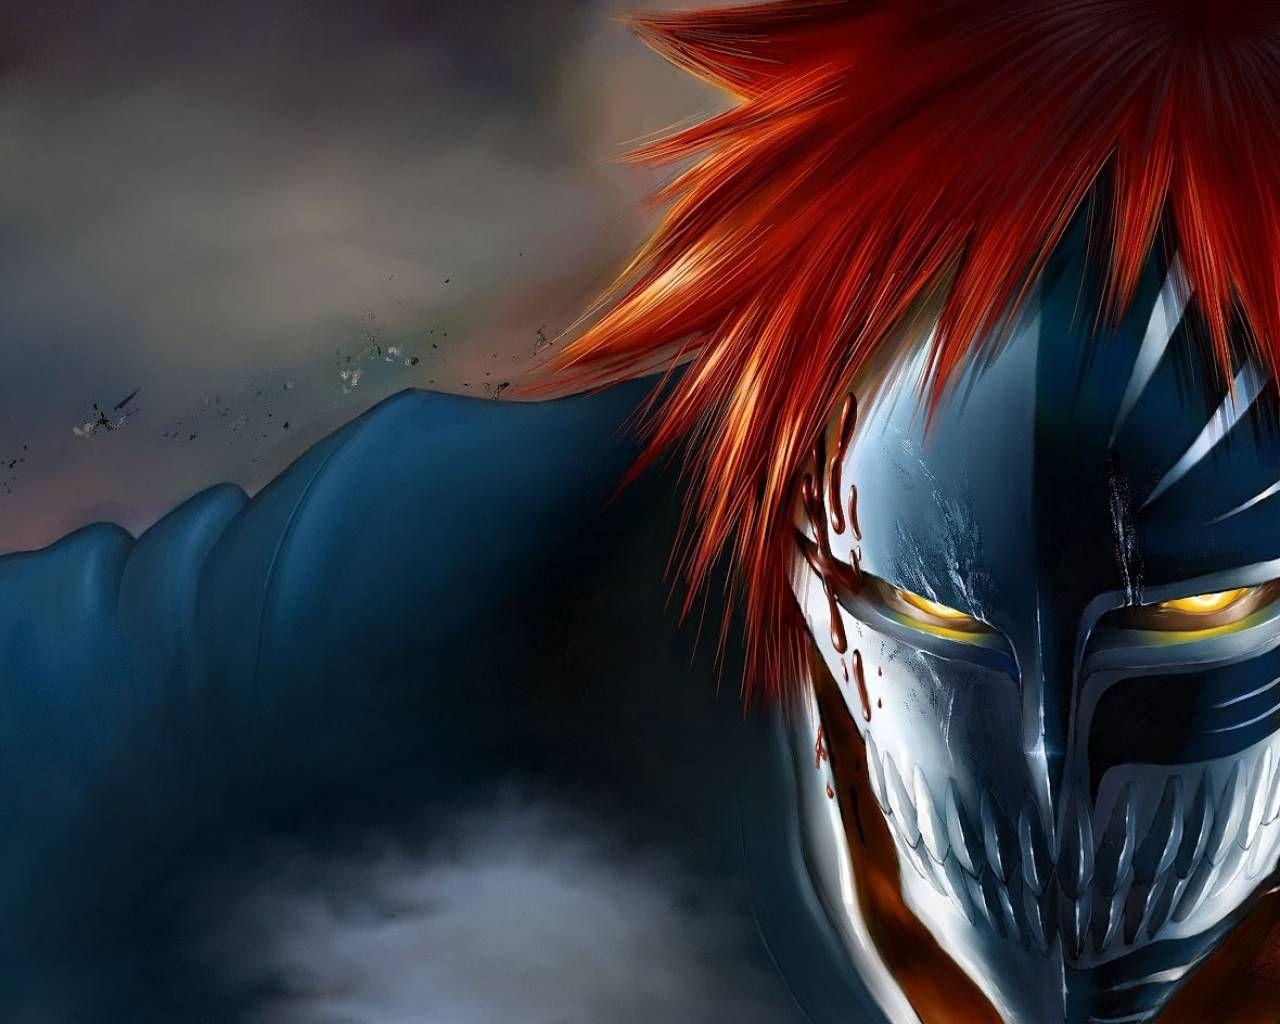 Ichigo Kurosaki Hollow Mask Wallpaper 23149 Wallpaper Wallatar Com Bleach Fanart Bleach Anime Bleach